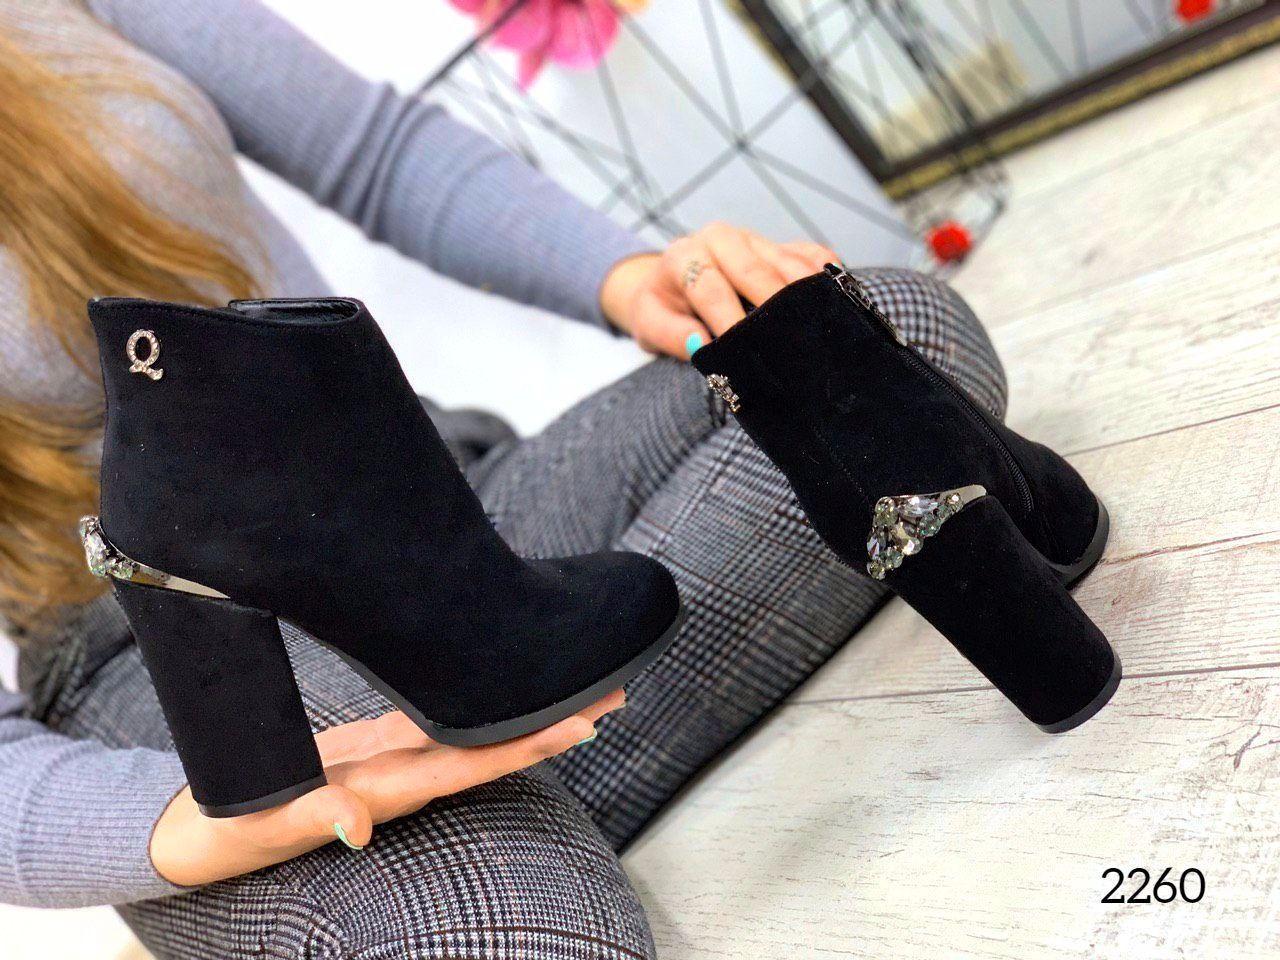 ХИТ ПРОДАЖ!! Ботинки женские Весна. Арт.2260